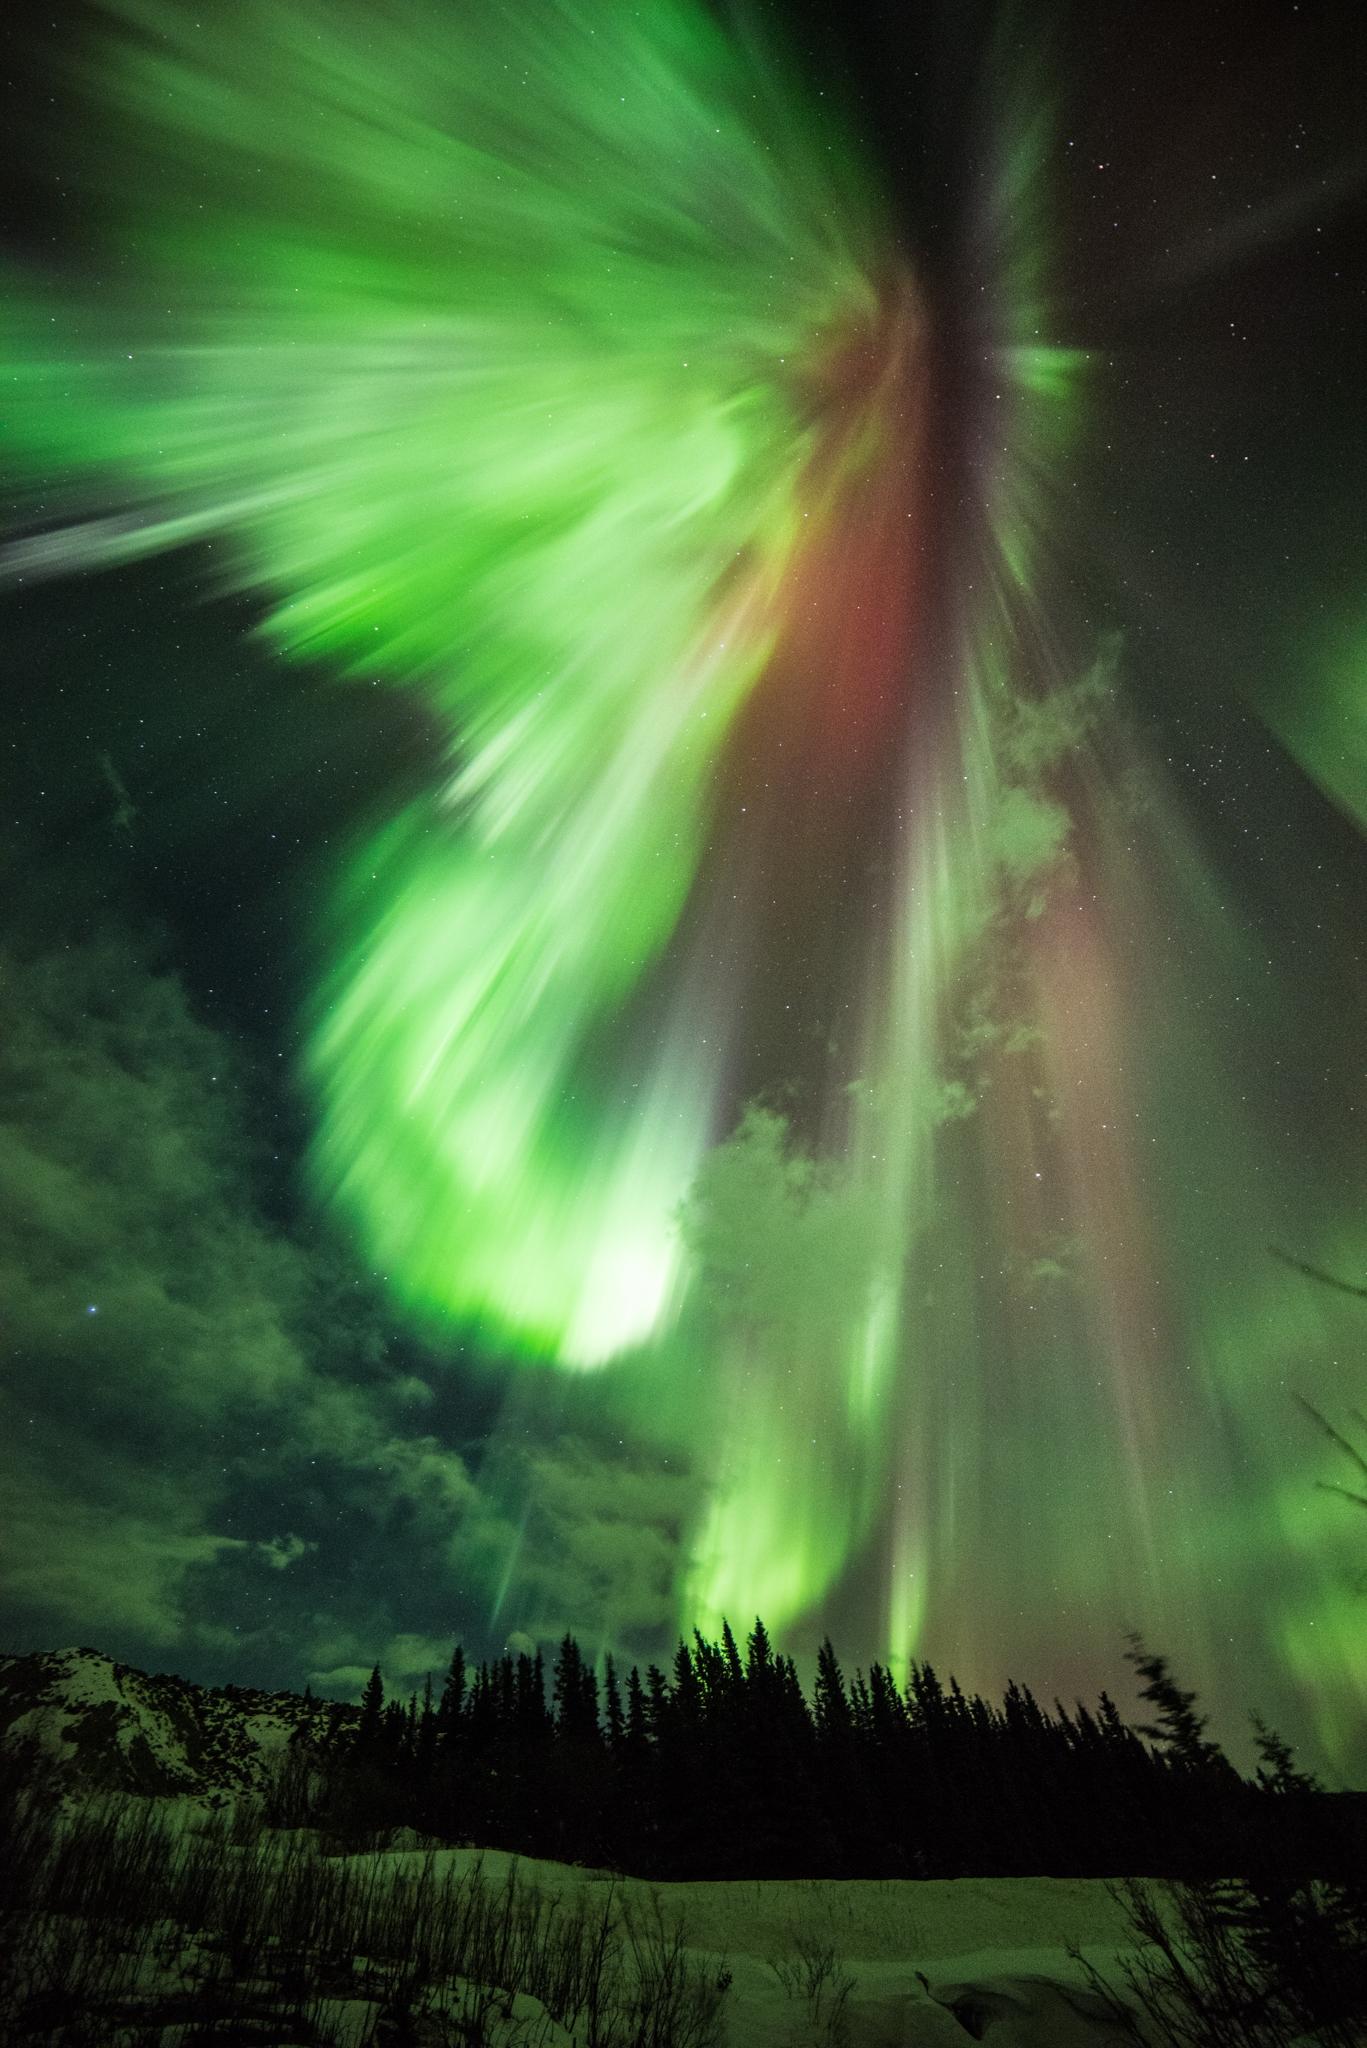 je_meteoespace_aurorepolaire.jpg